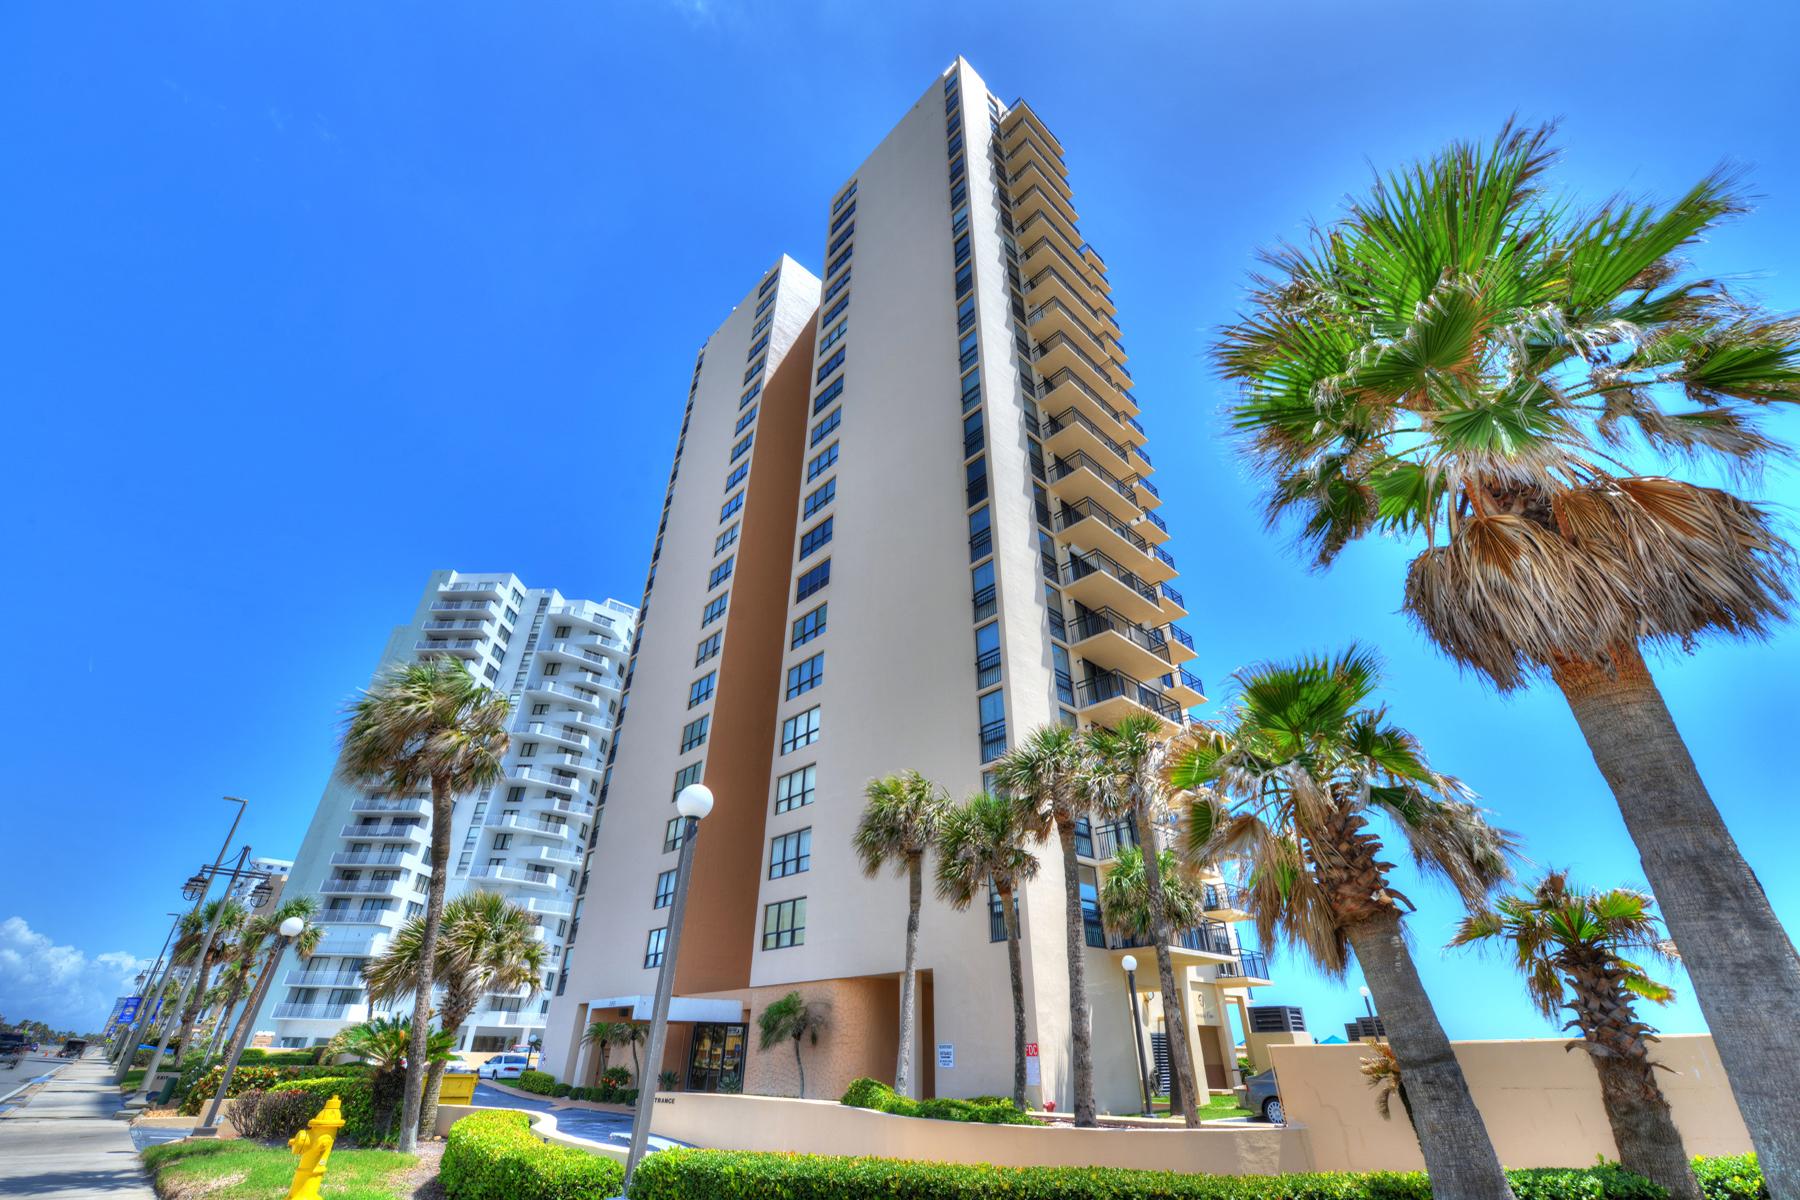 Kat Mülkiyeti için Satış at 3051 S Atlantic Ave , 2205, Daytona Beach Shores, 3051 S Atlantic Ave 2205 Daytona Beach Shores, Florida 32118 Amerika Birleşik Devletleri